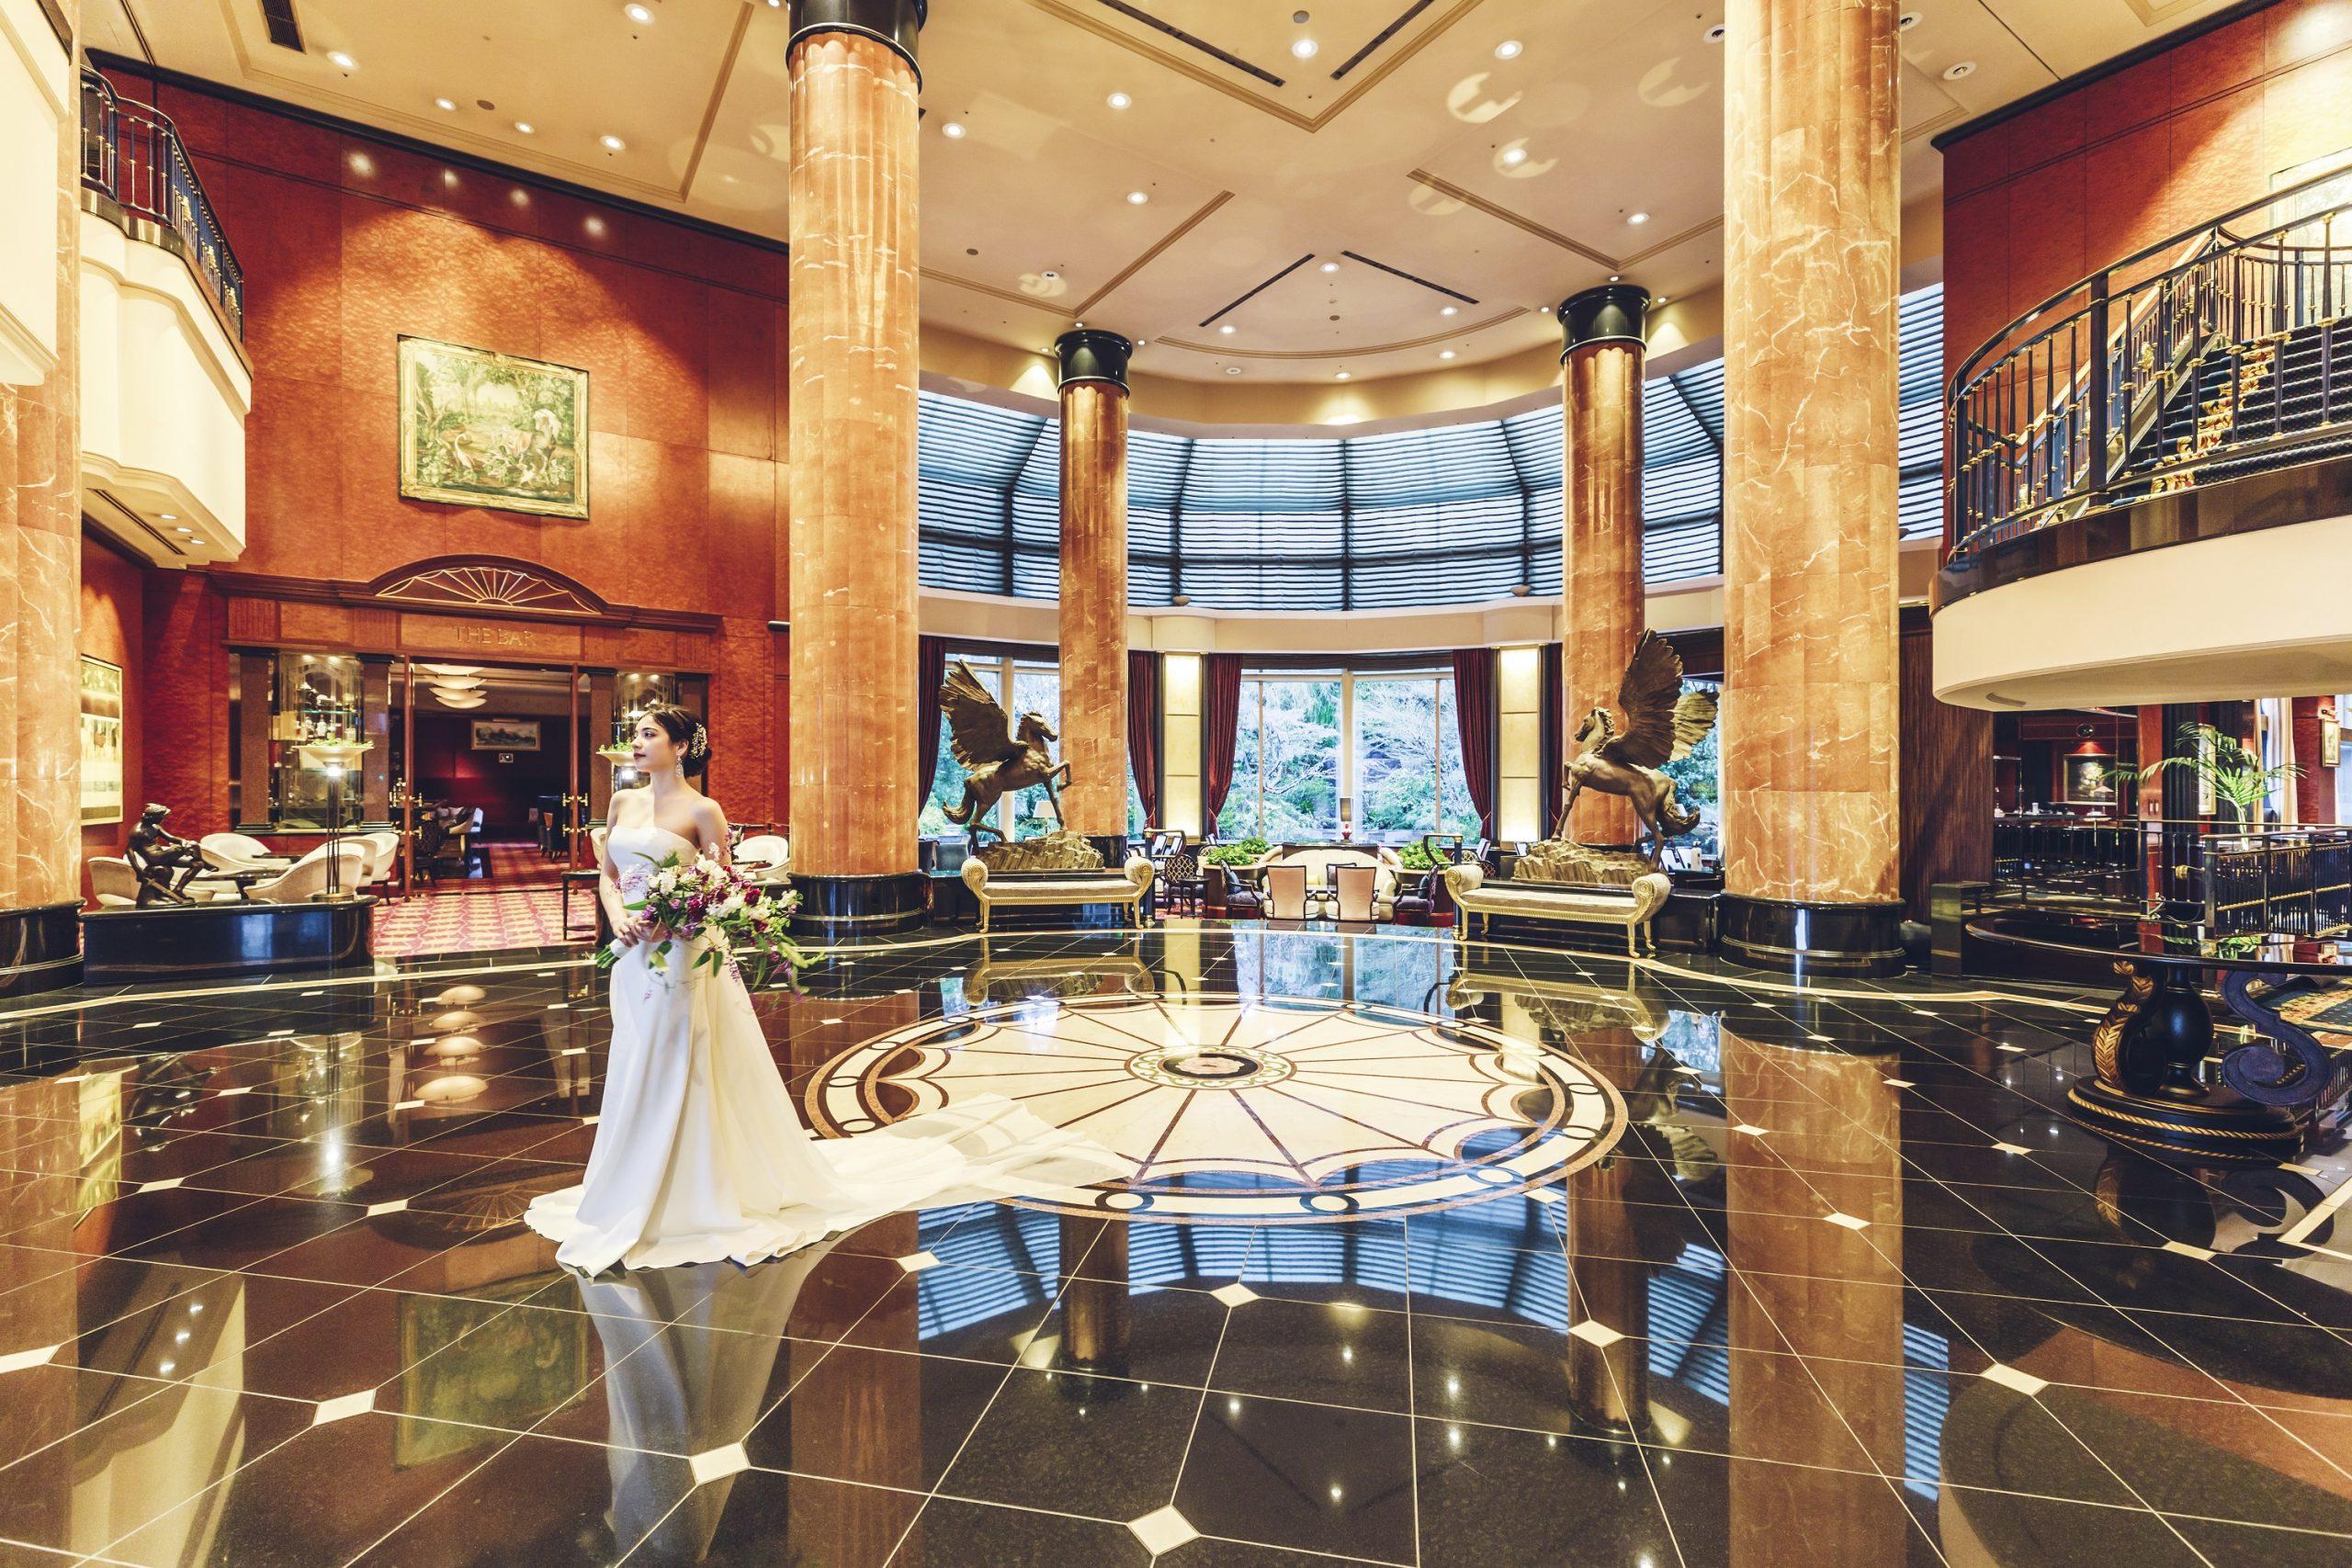 ホテルメインロビーで美しさ溢れるワンショット